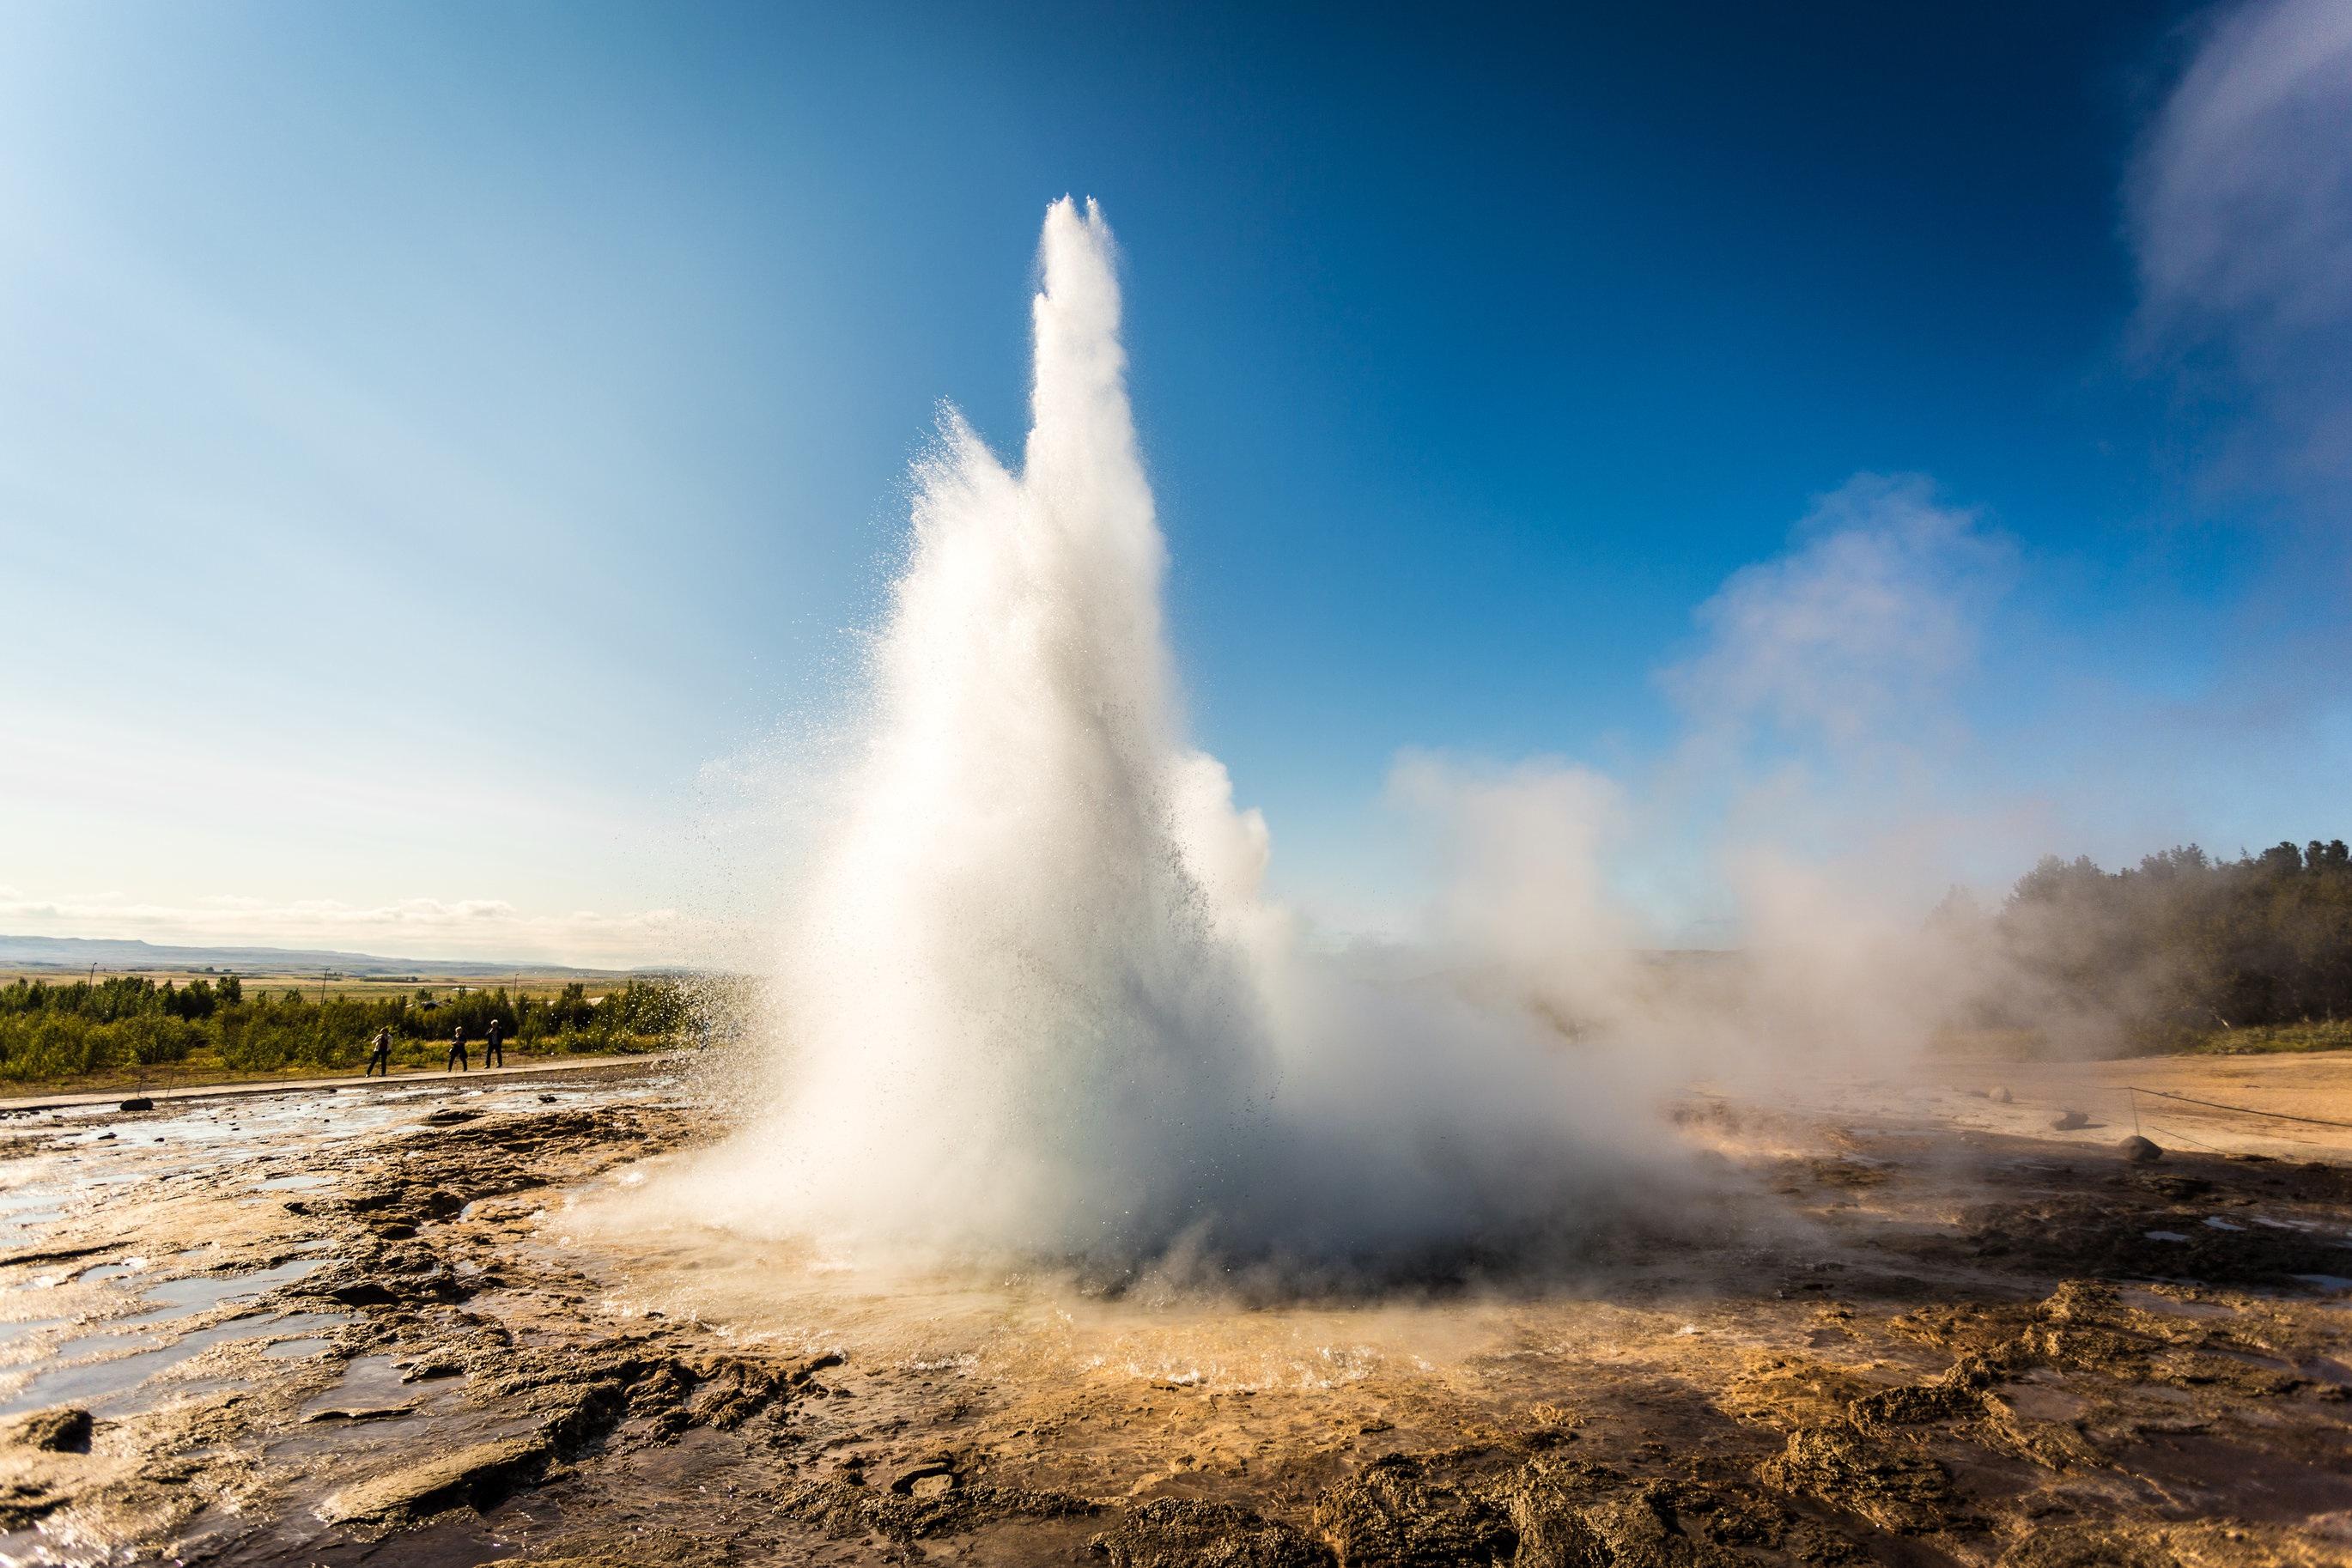 Gejsern Strokkur får utbrott med 5–10 minuters mellanrum och skjuter ut en vattenpelare som kan överstiga 40 meters höjd.